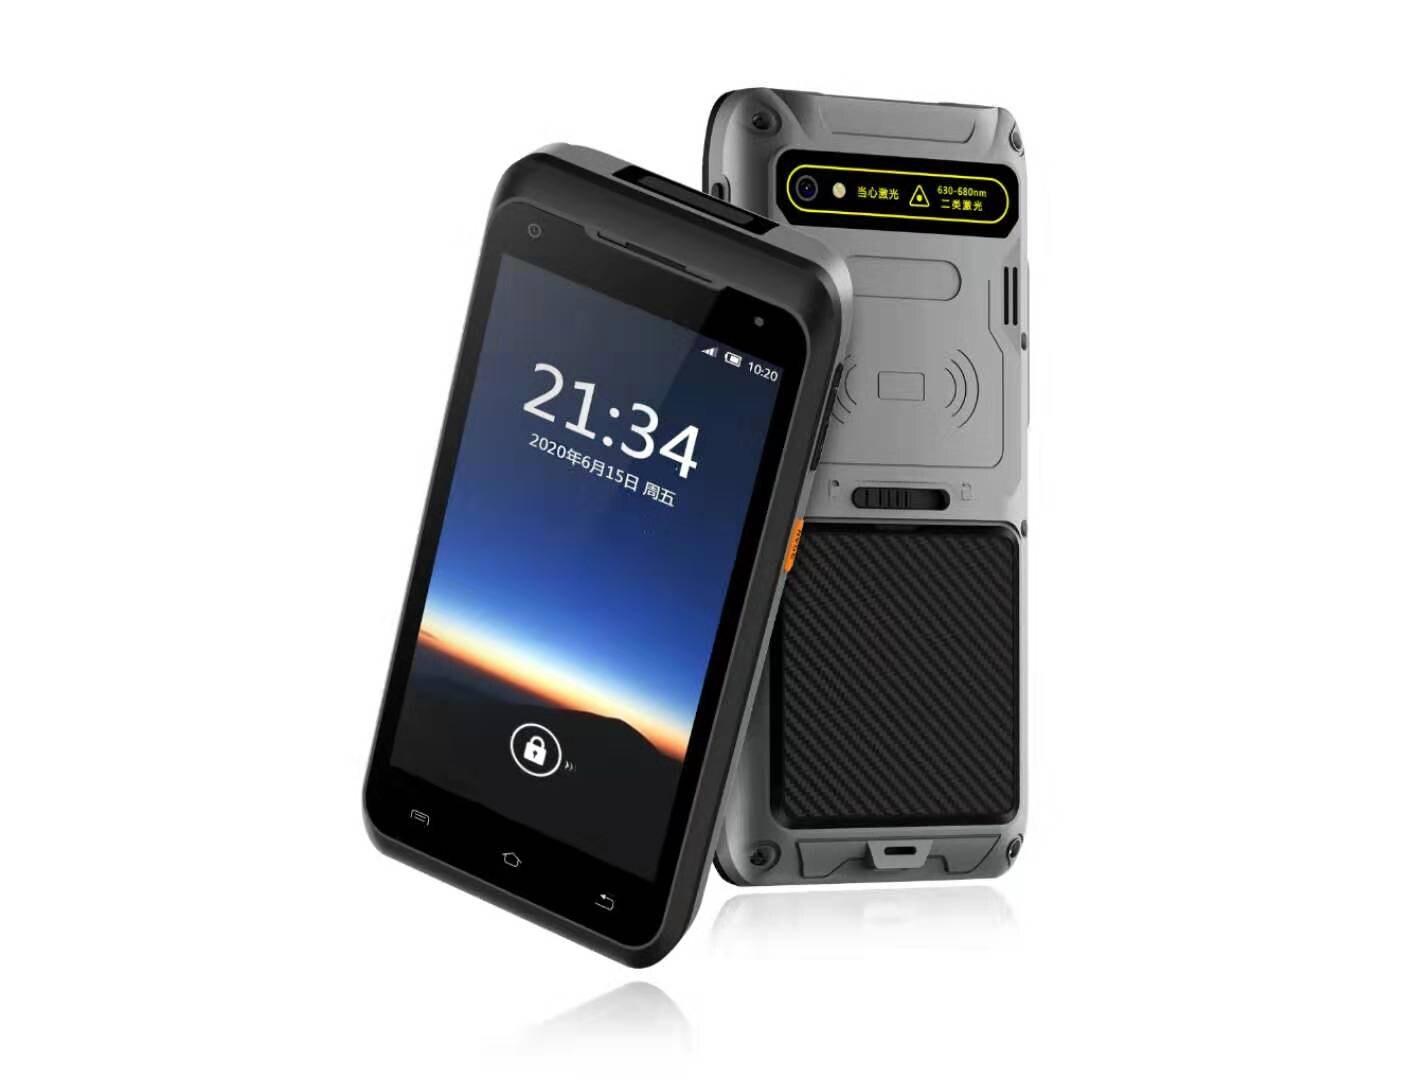 Terminal handheld da frequência ultraelevada rfid PL